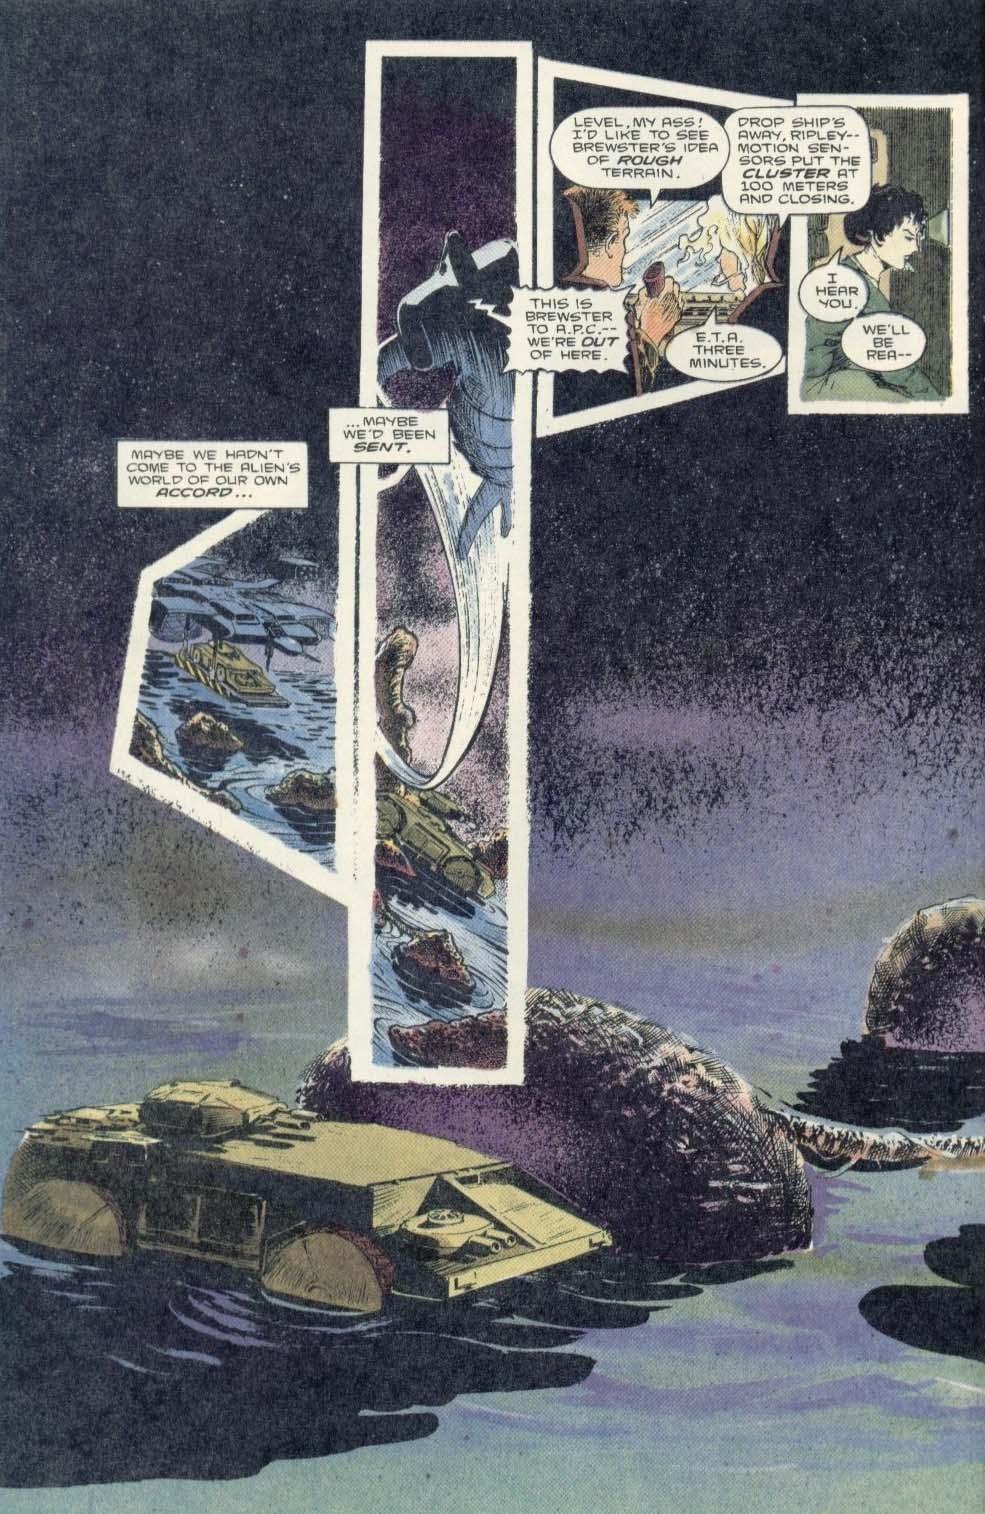 Read online Aliens: Earth War comic -  Issue #3 - 8